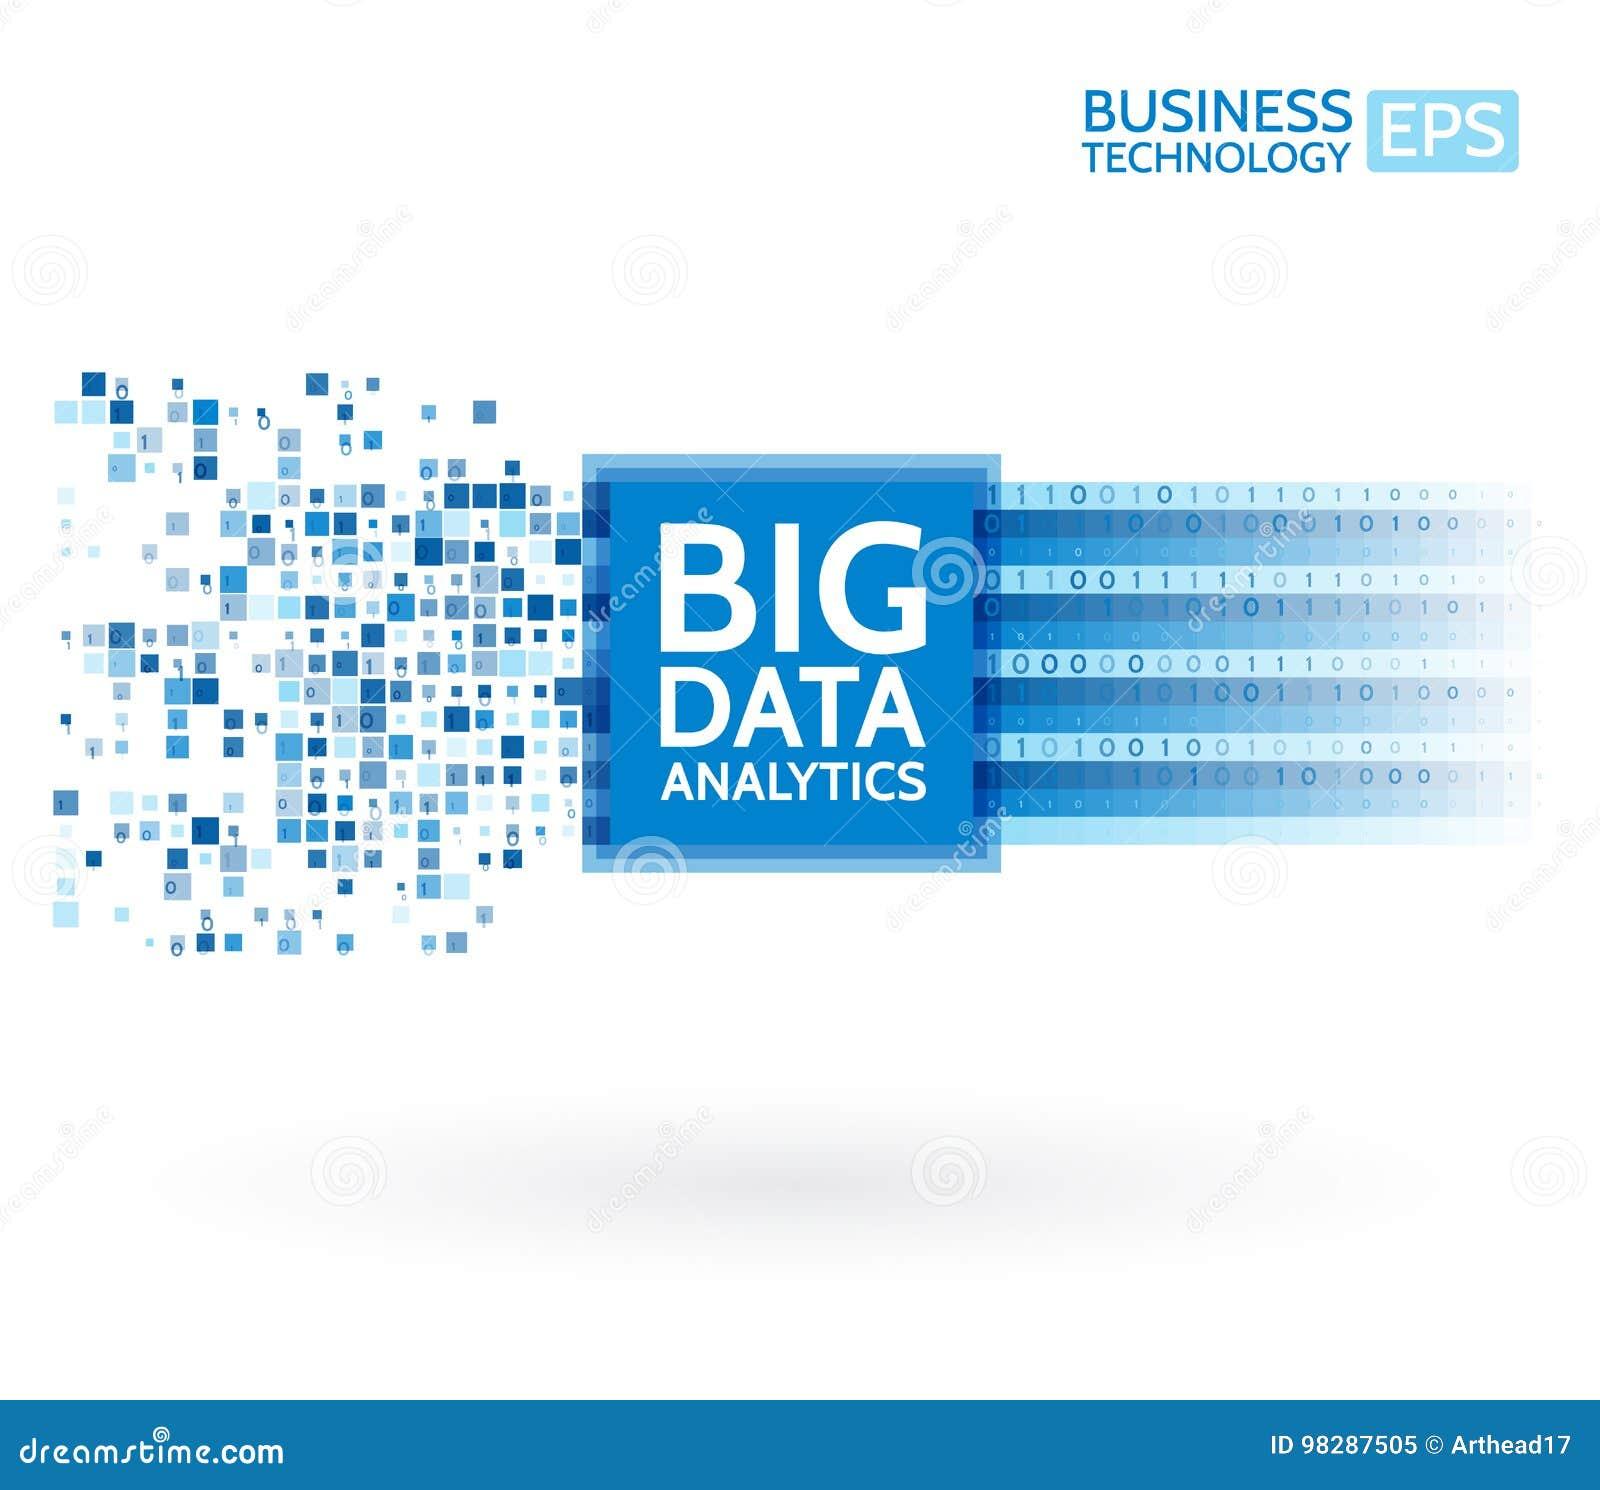 Analyse von Informationen Data - Mining-Sichtbarmachung Abstrakte digitale sortierende Informationen Binär Code-Algorithmen